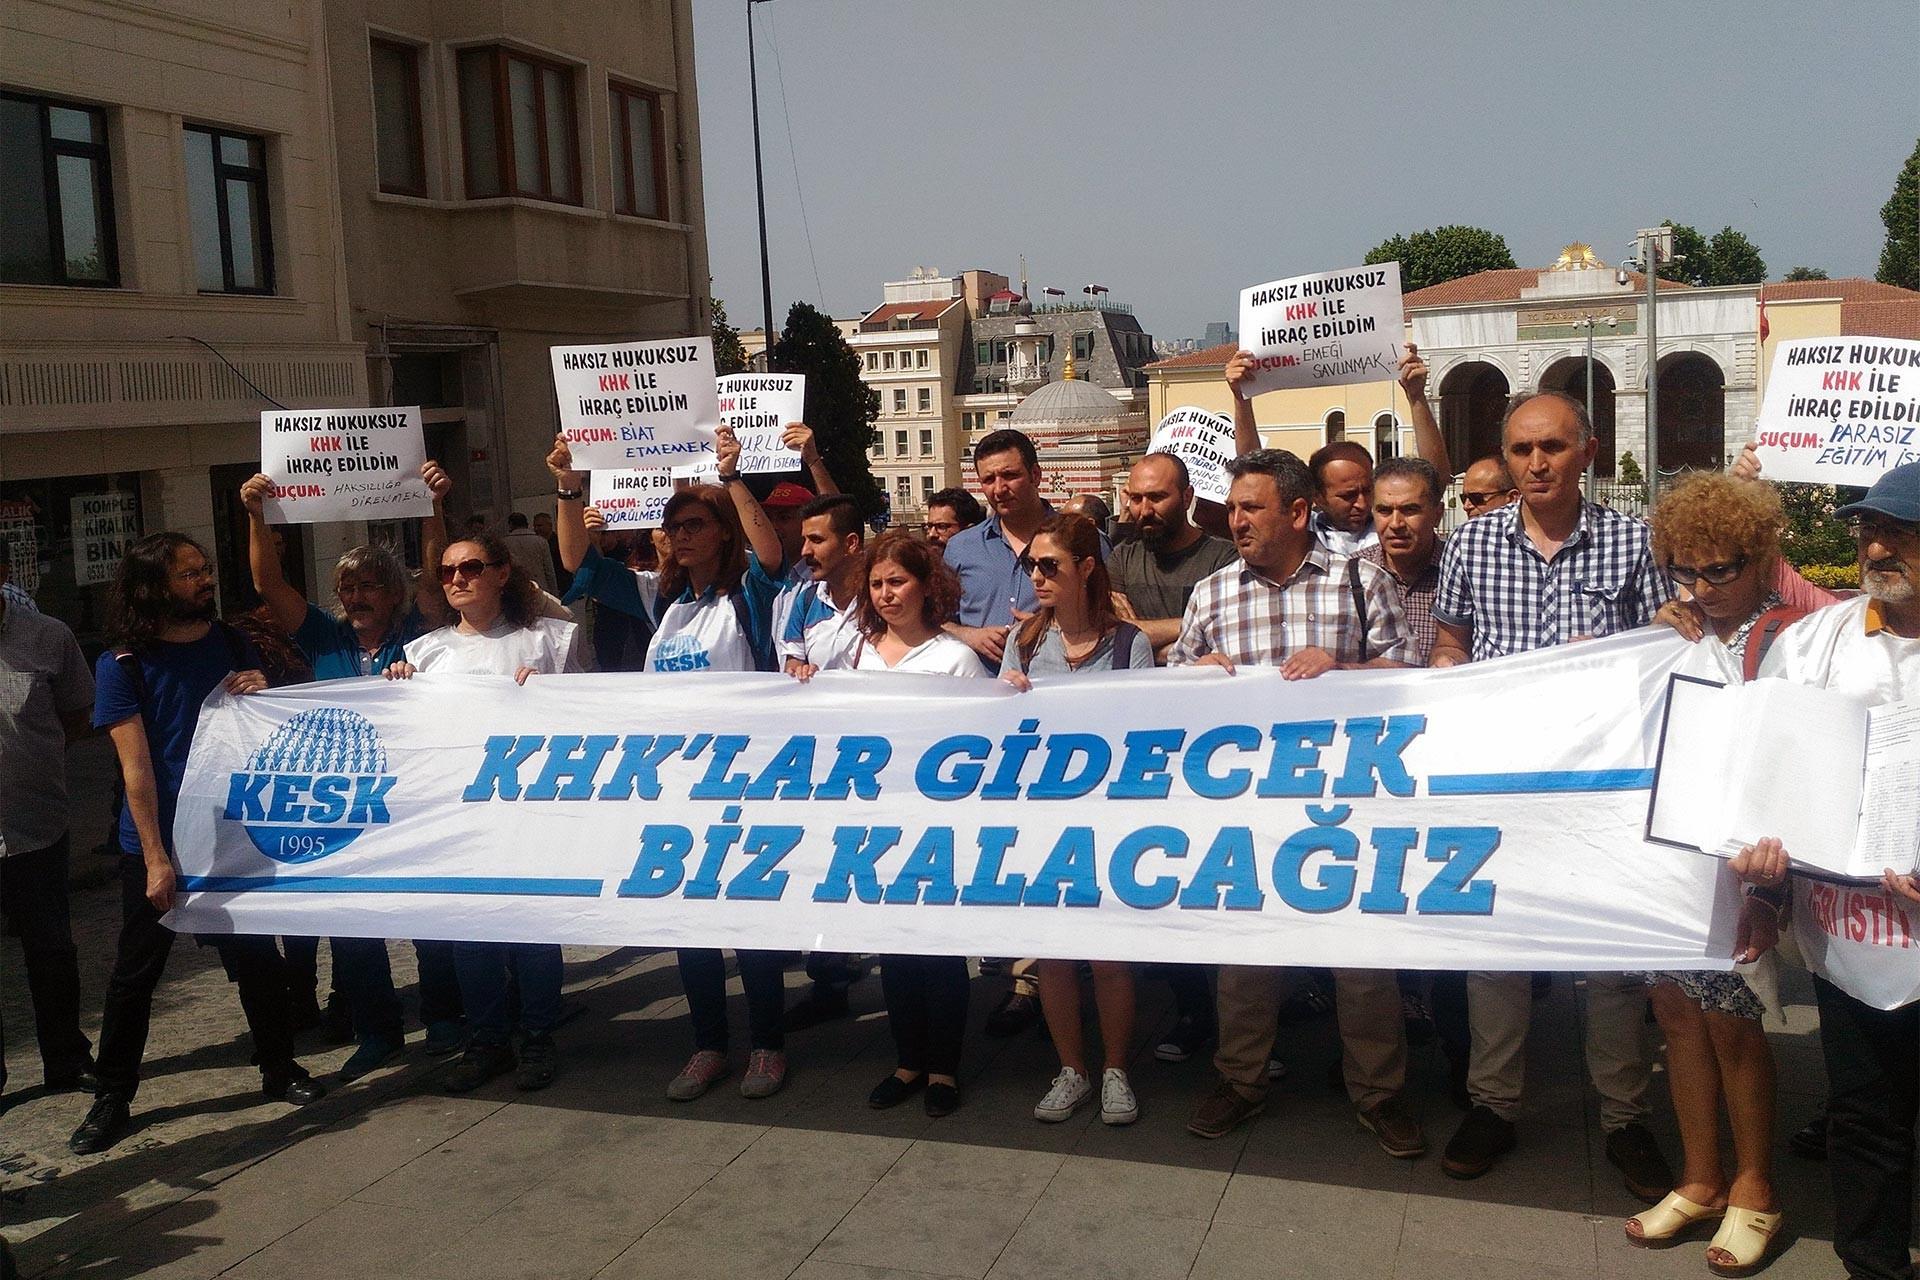 'KHK'lar gidecek biz kalacağız' yazılı pankart taşıyan KESK üyesi kamu emekçileri